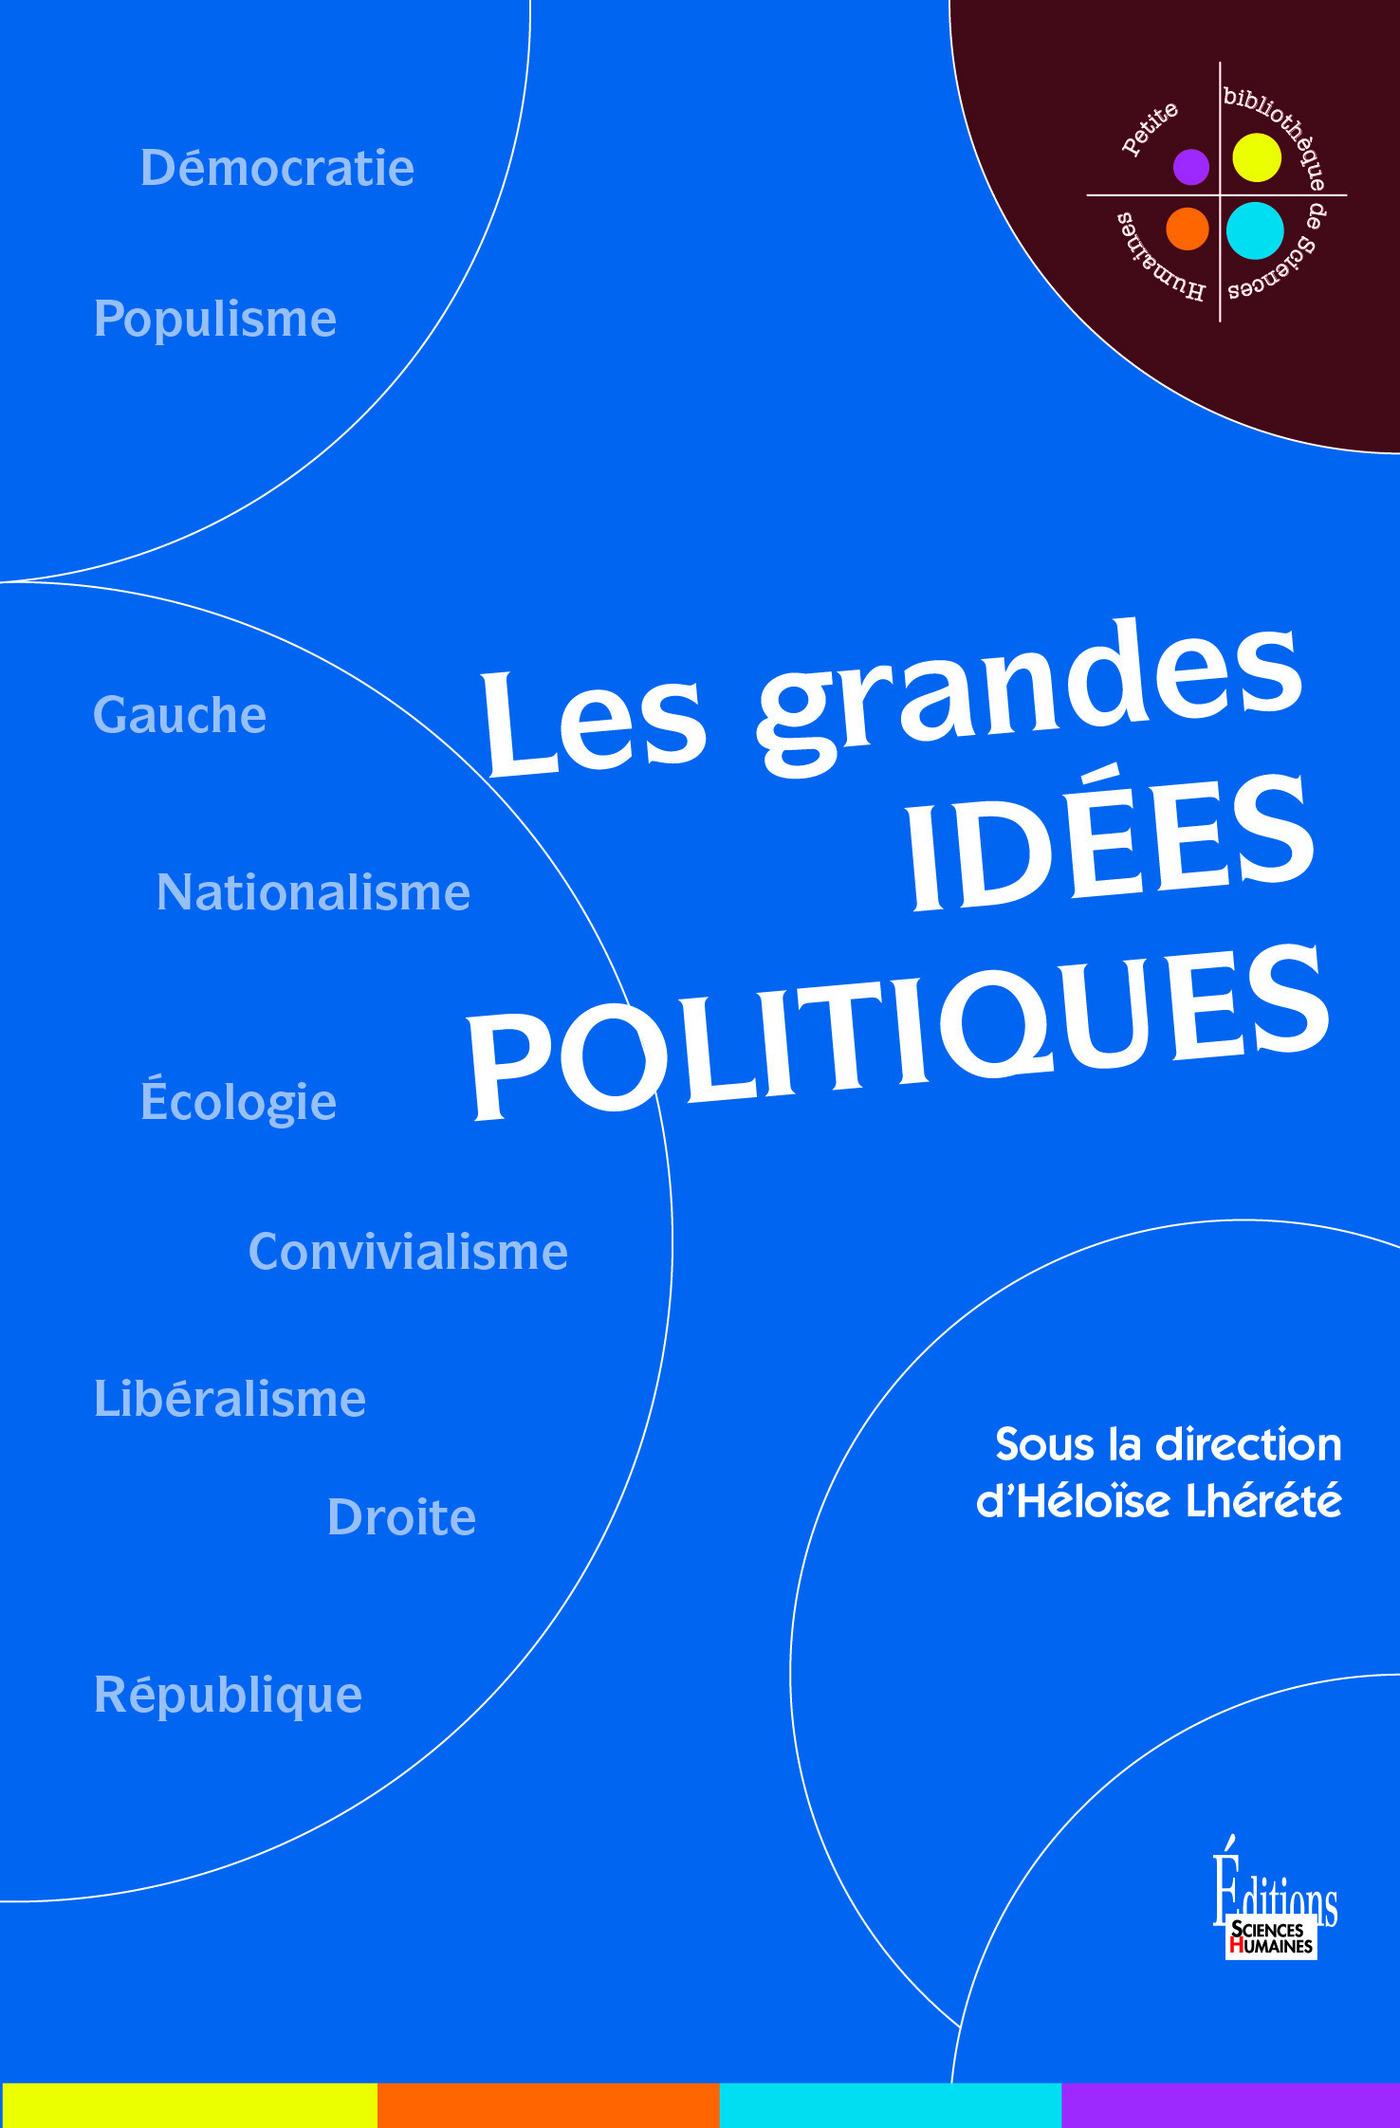 Les grandes id?es politiques